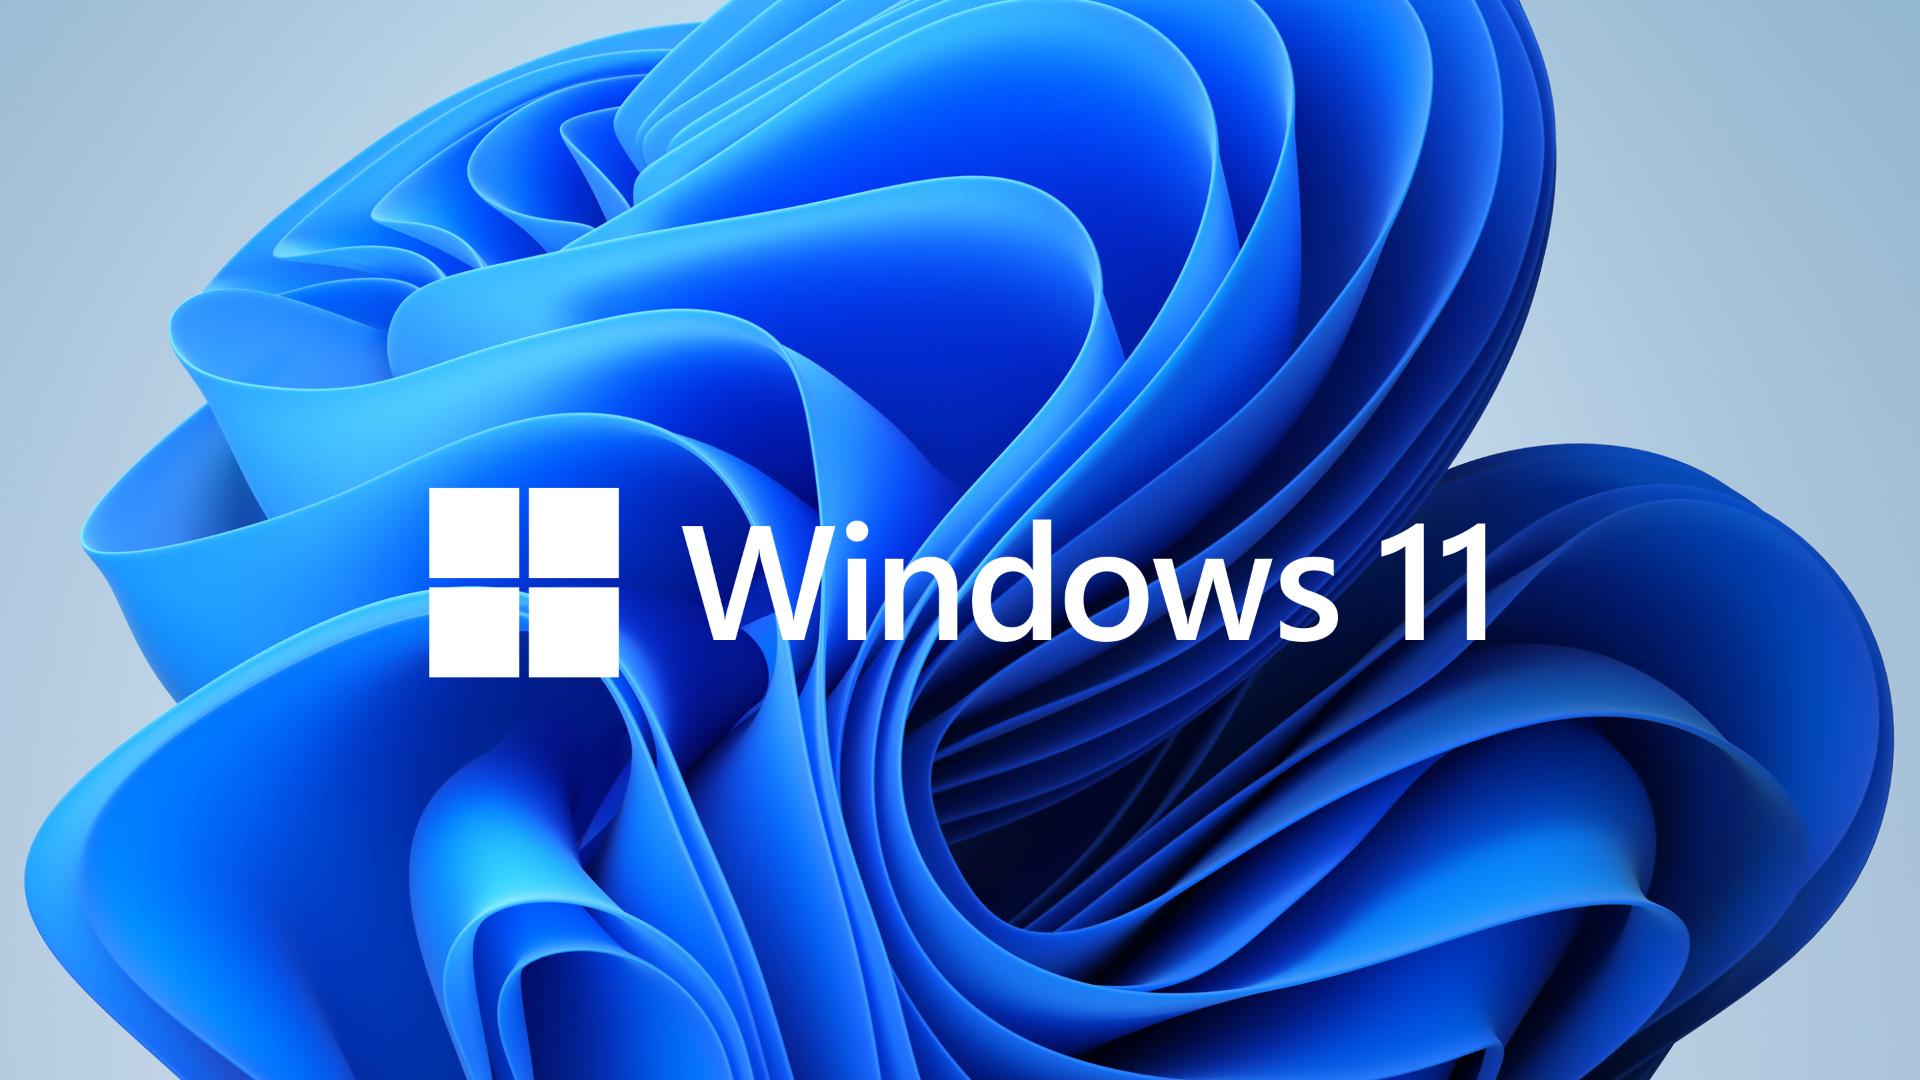 Windows 11 로고 및 장식 배경